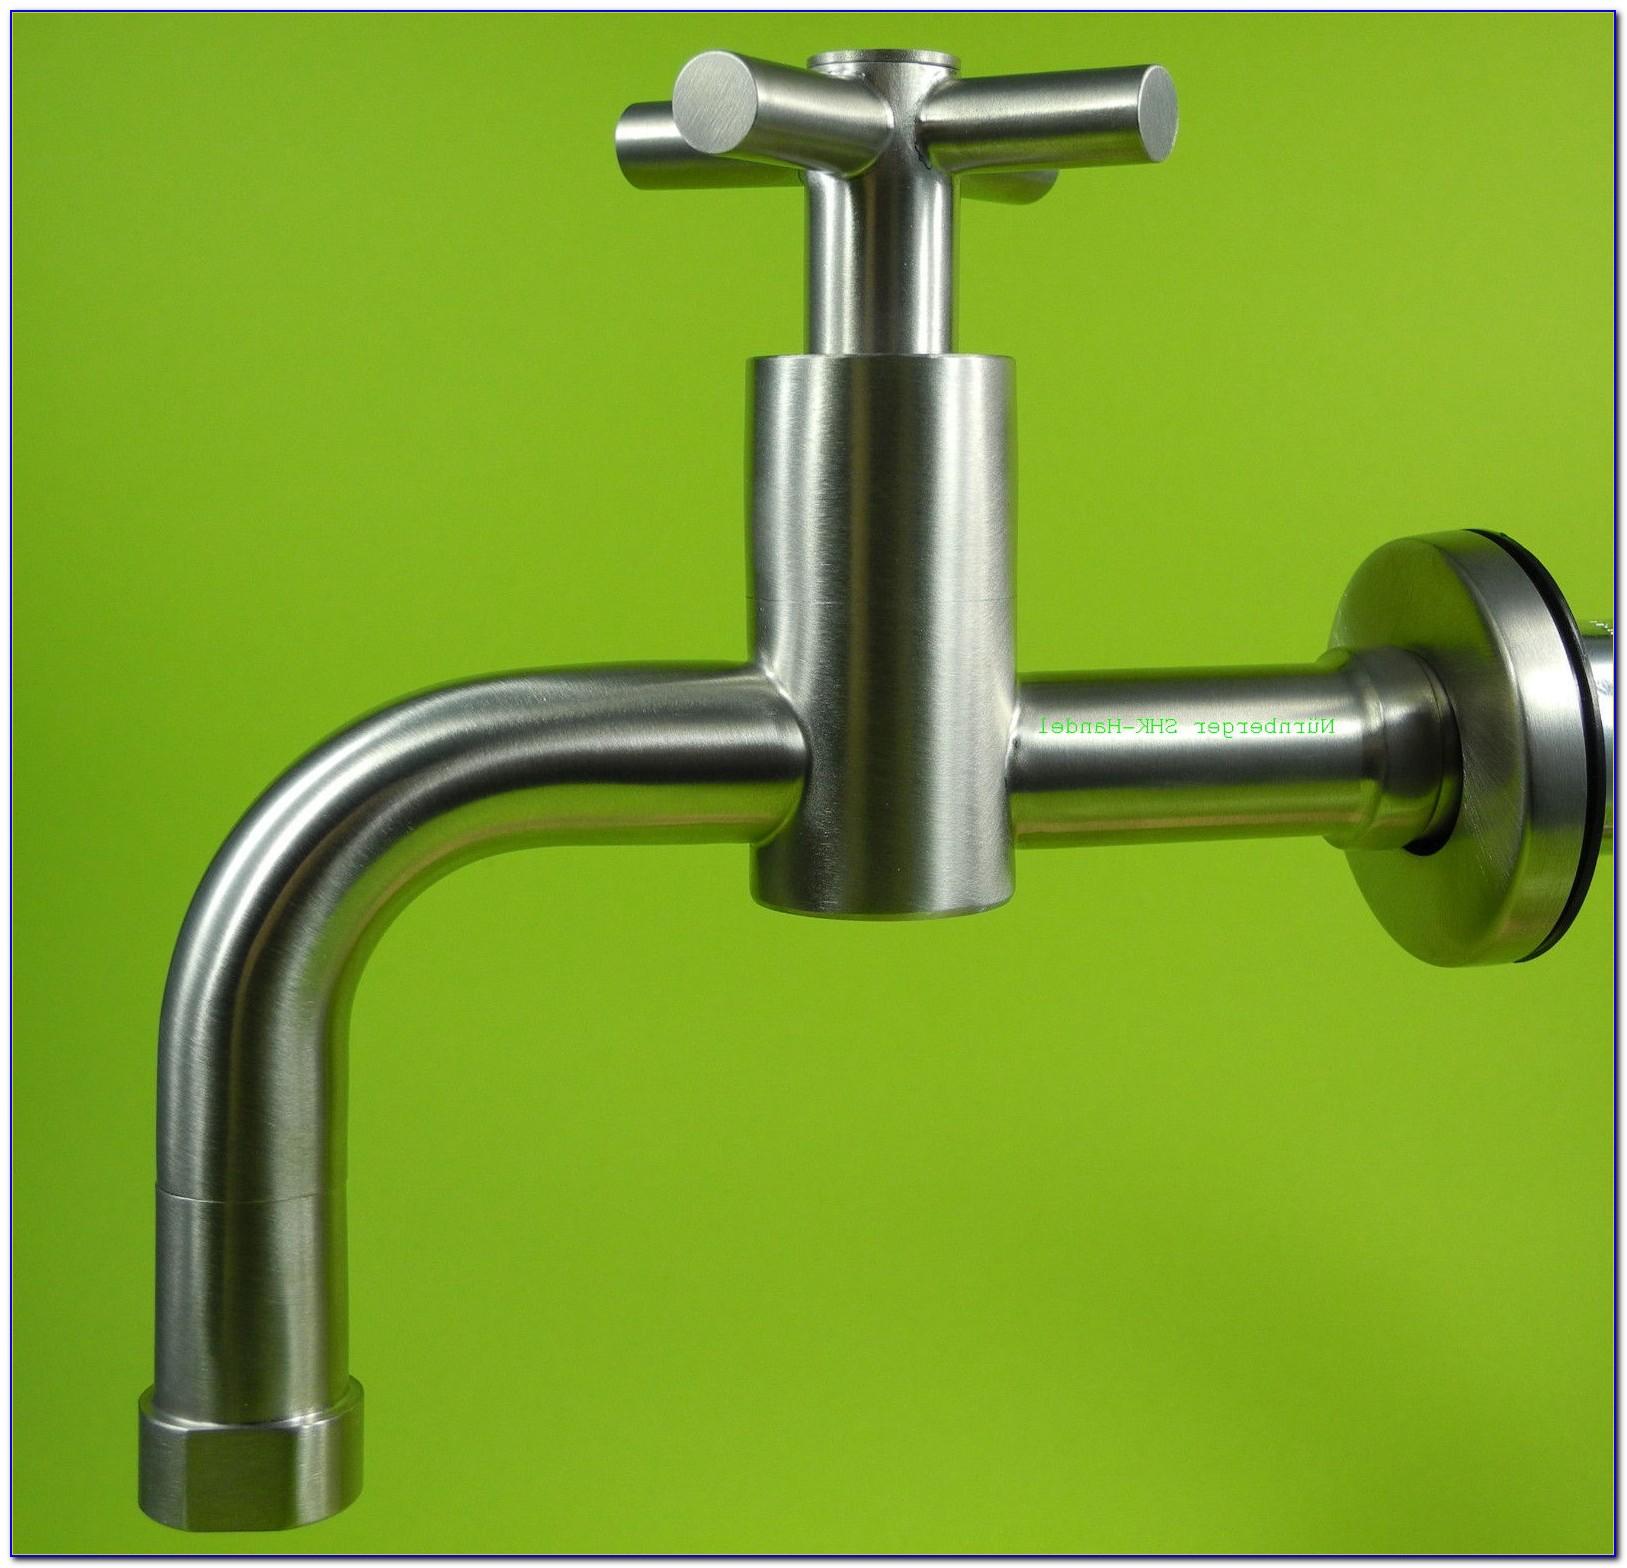 Wasserhahn Abschrauben Anleitung